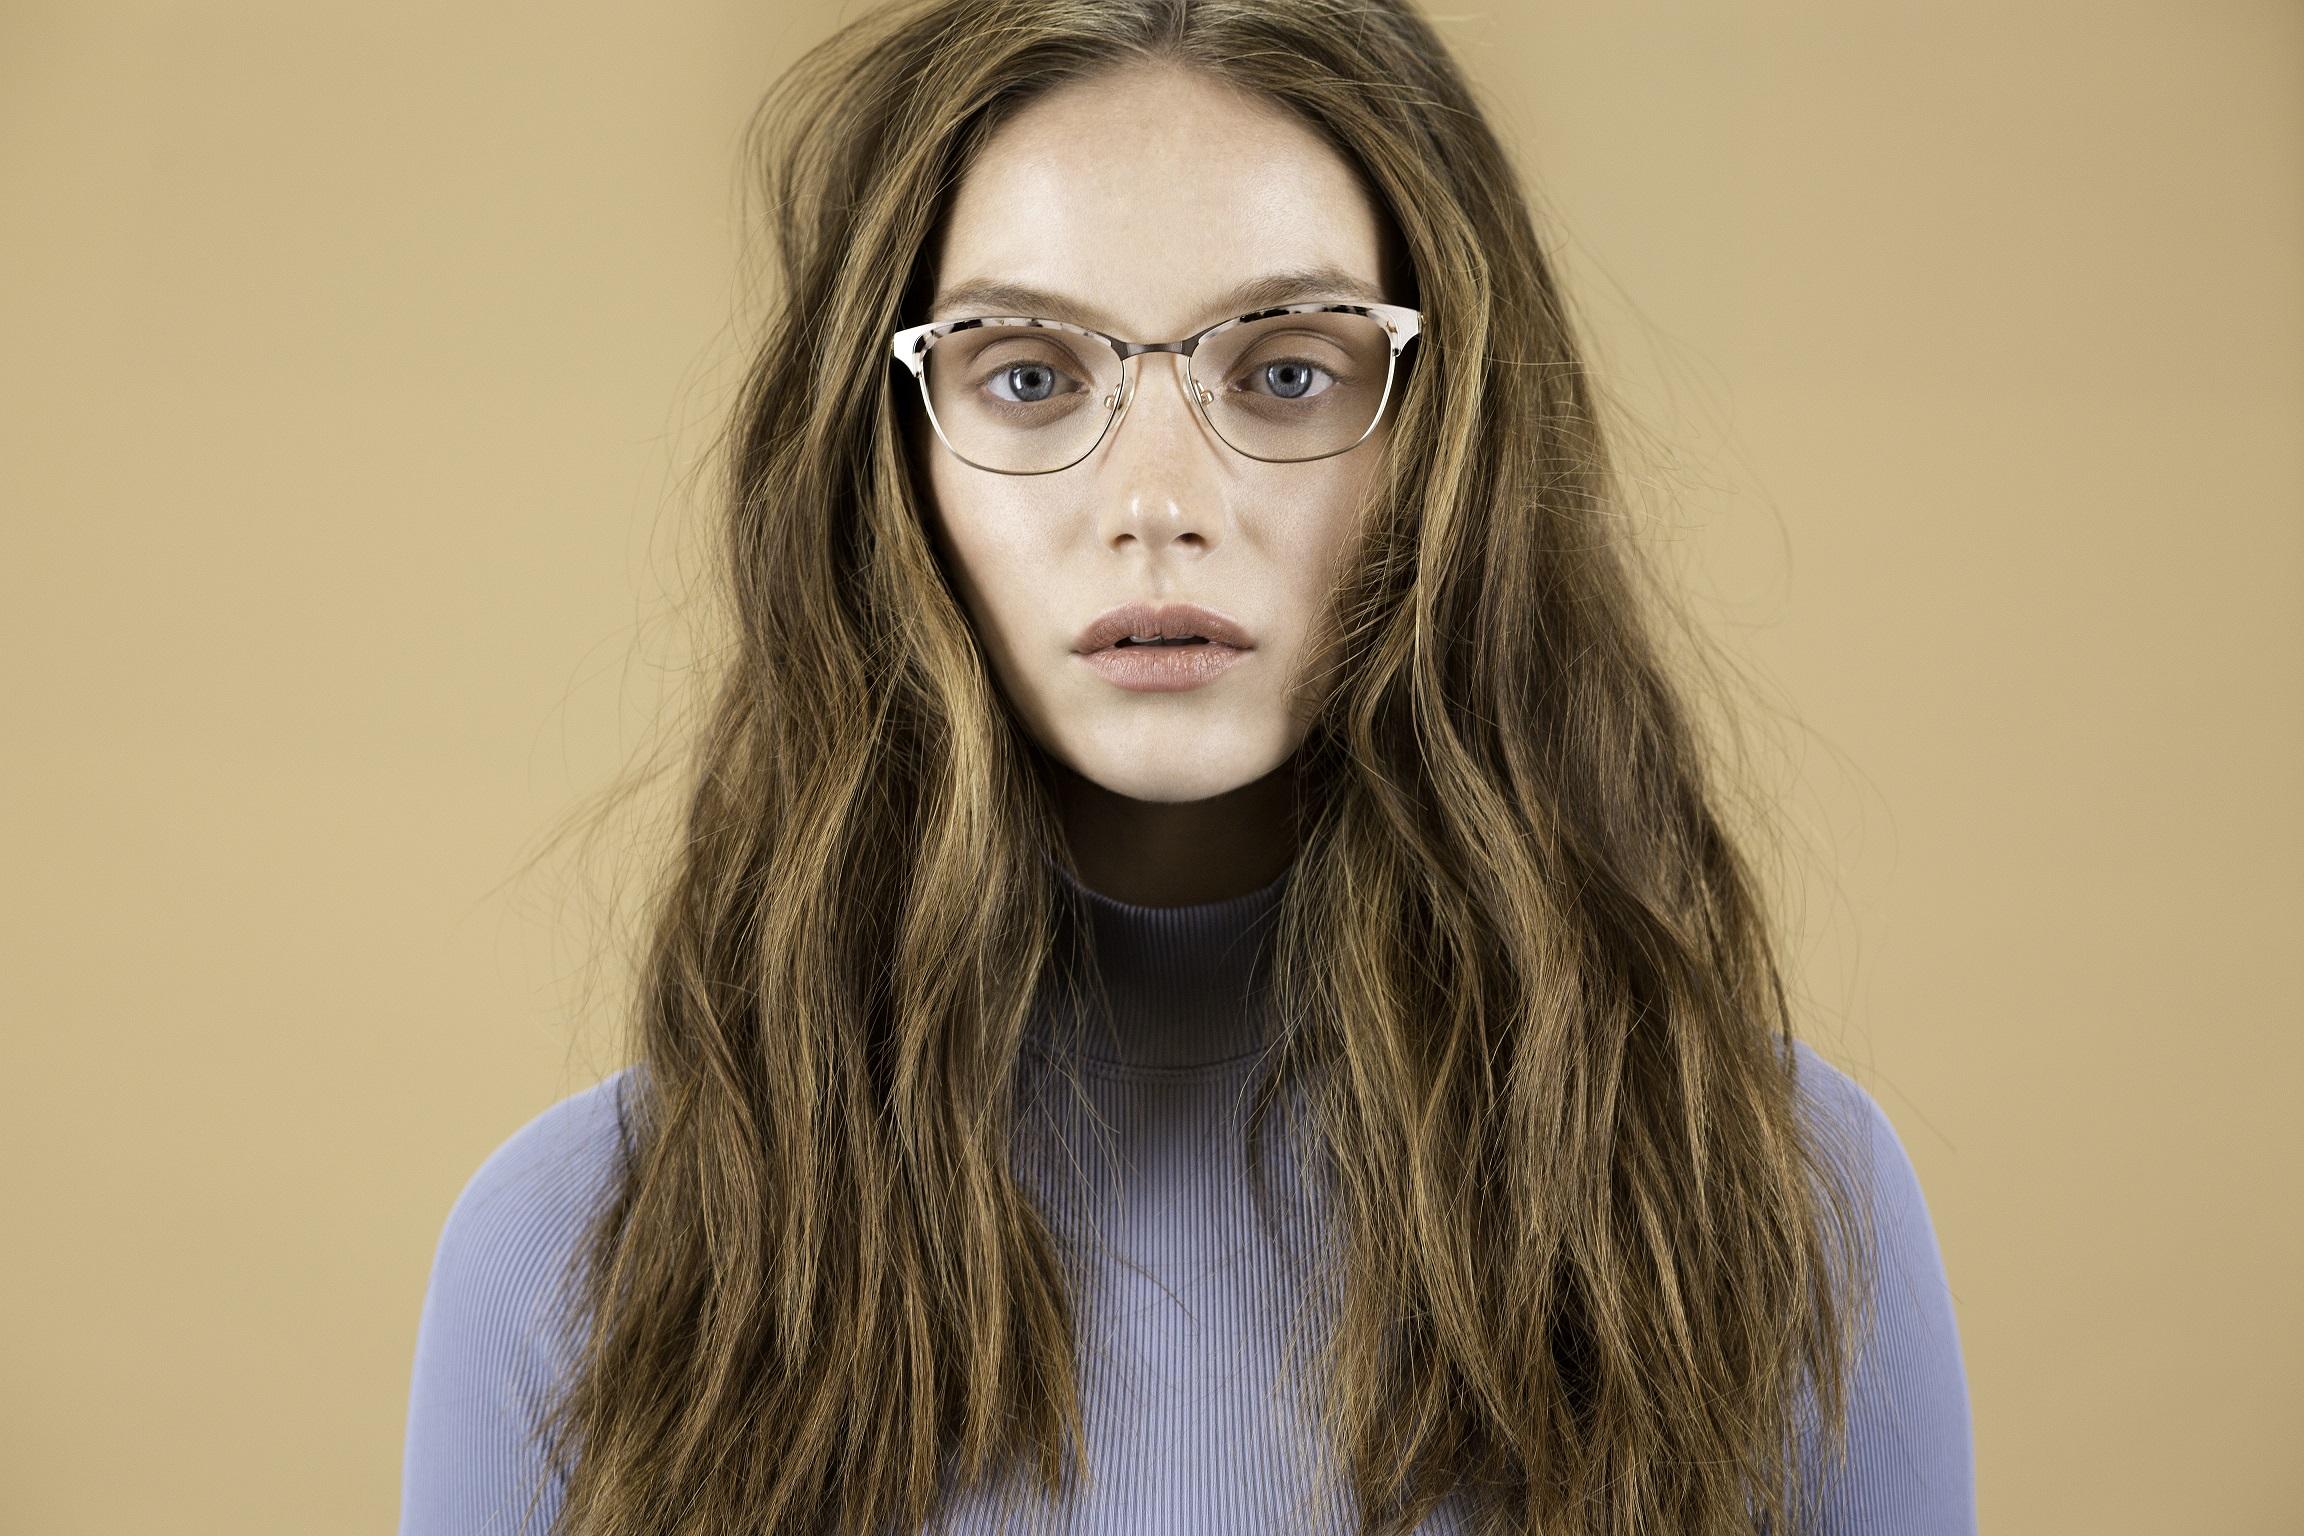 הטרנדים החמים למשקפי שמש וראיה לקיץ 2017